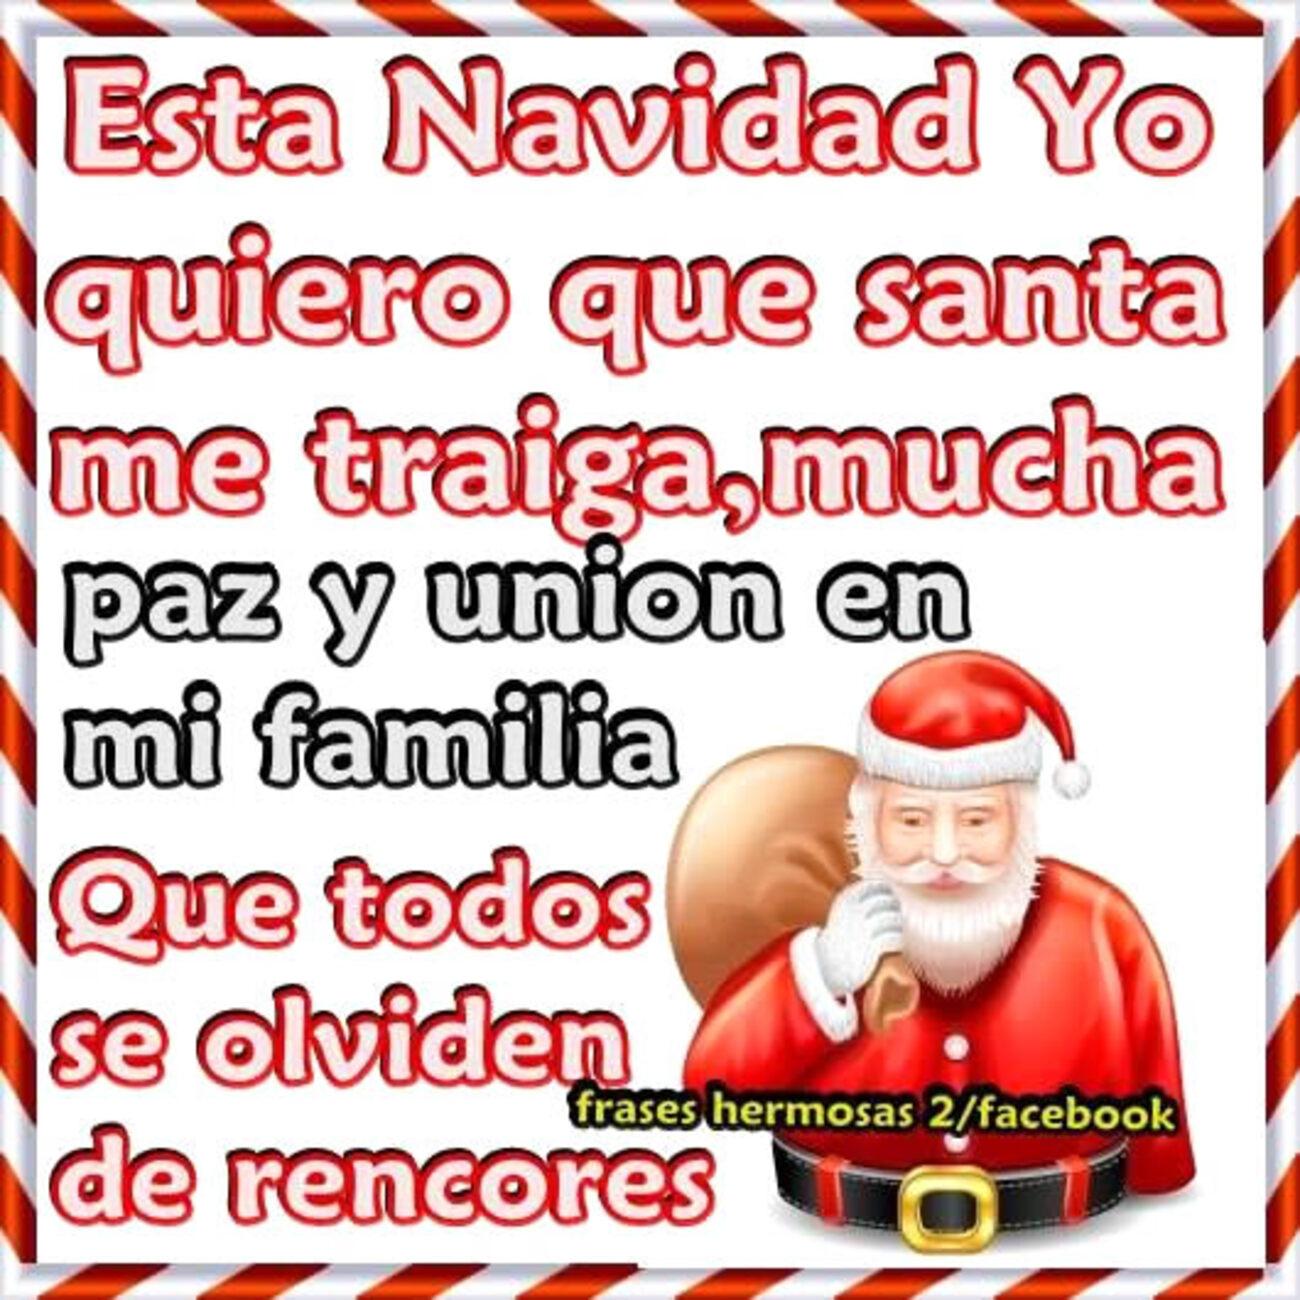 Esta Navidad yo quiero que santa me traiga, mucha paz y unionen mi familia que todos olviden de rencores